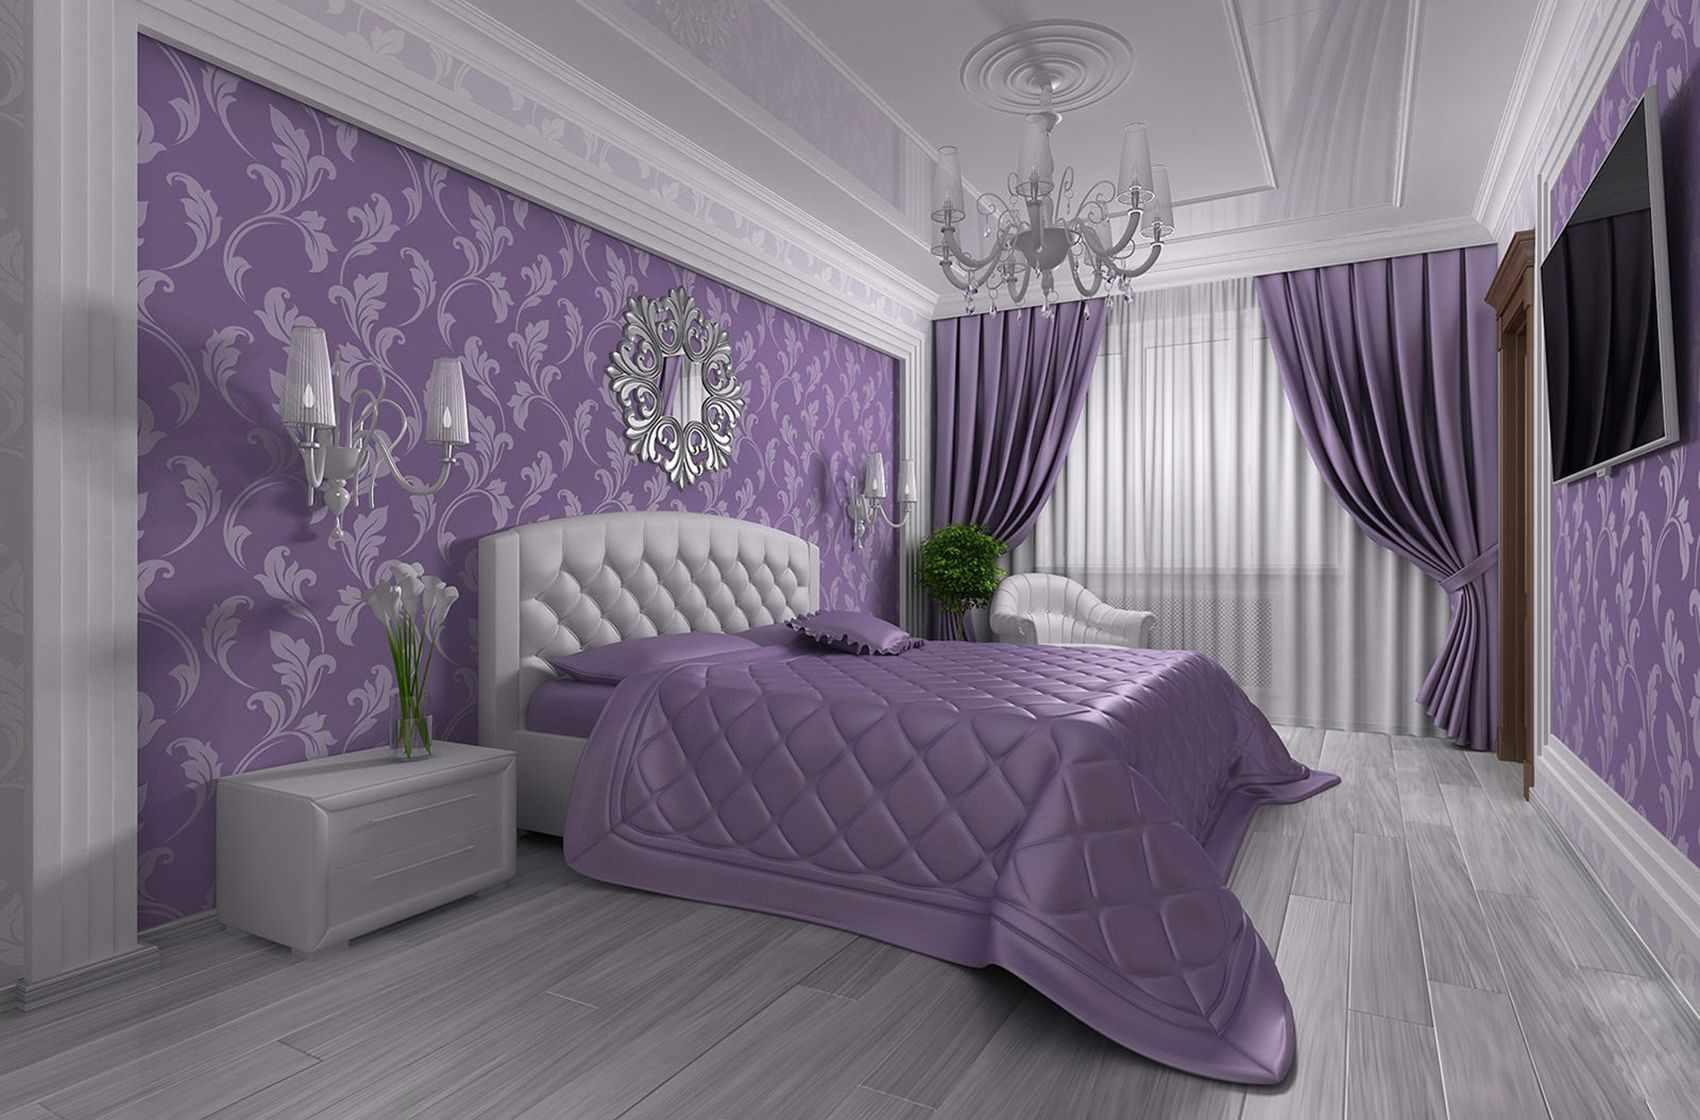 un exemple d'un beau style de chambre